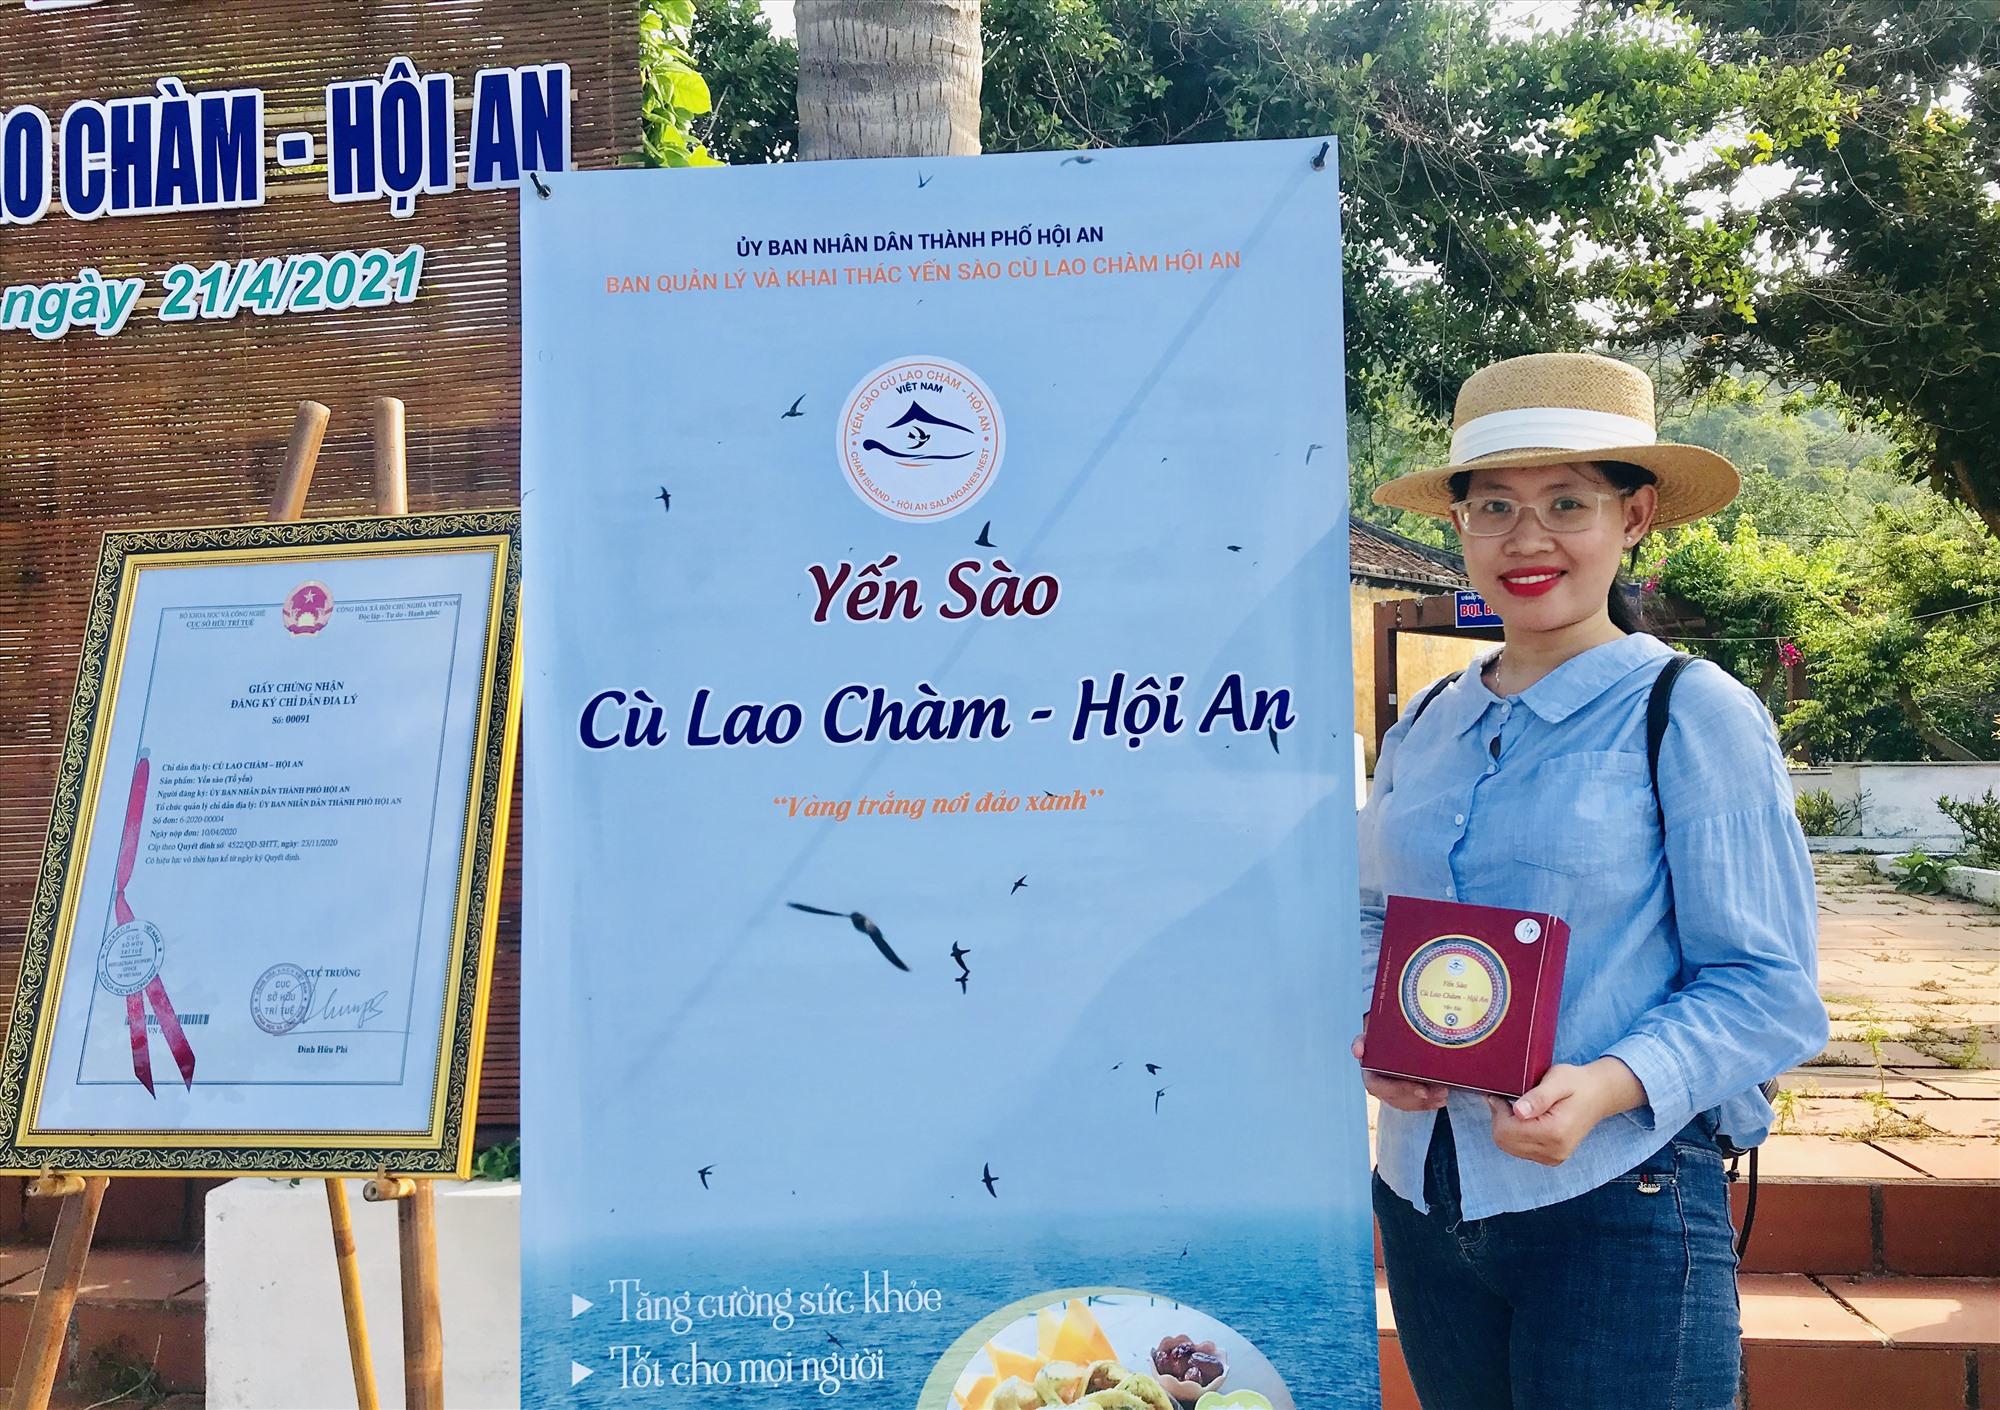 Với việc được cấp chỉ dẫn địa lý, yến sào Cù Lao Chàm - Hội An được bảo hộ vô thời hạn trên toàn lãnh thổ Việt Nam. Ảnh: Q.T